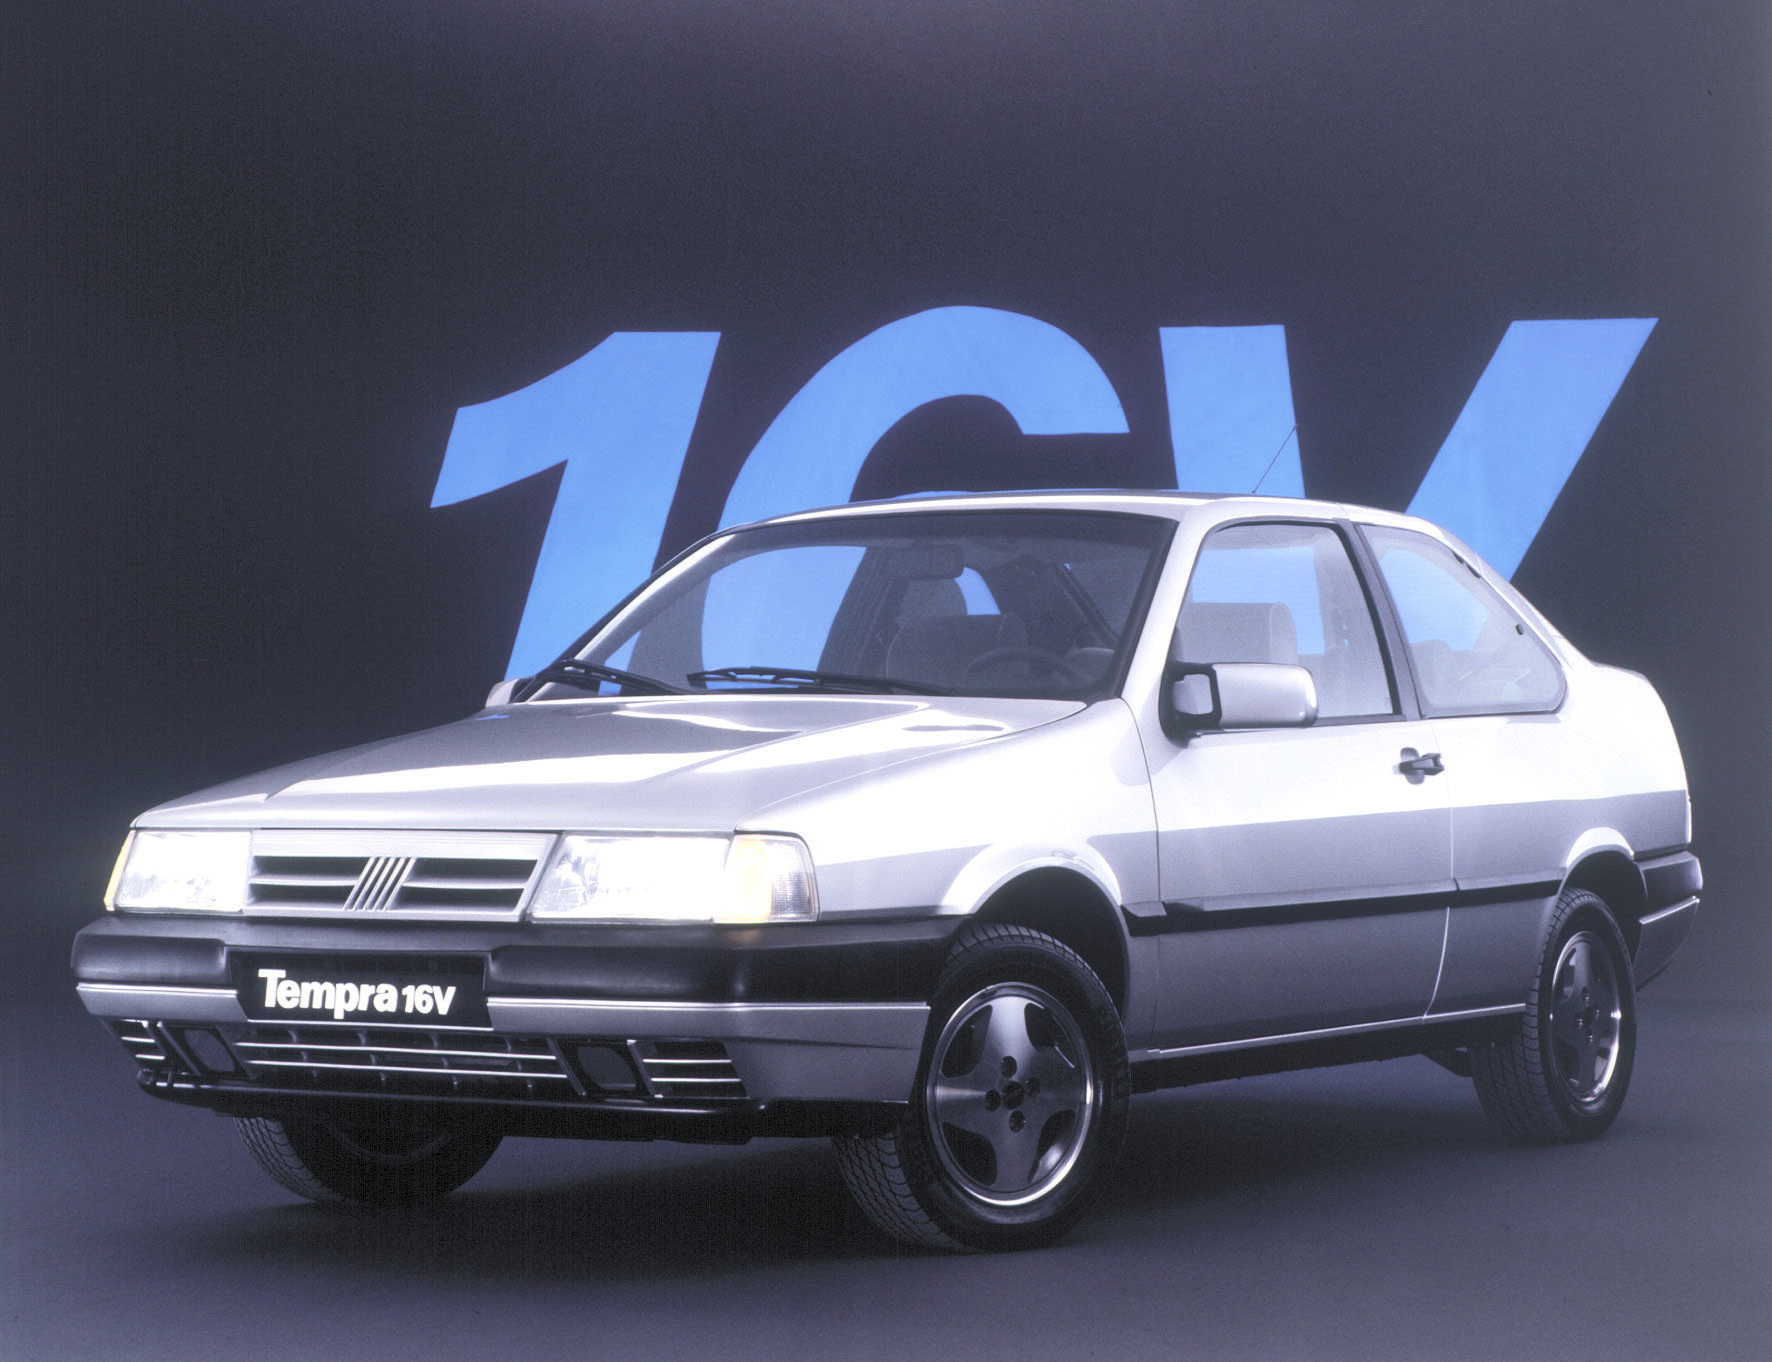 Fiat Tempra 16V (3)